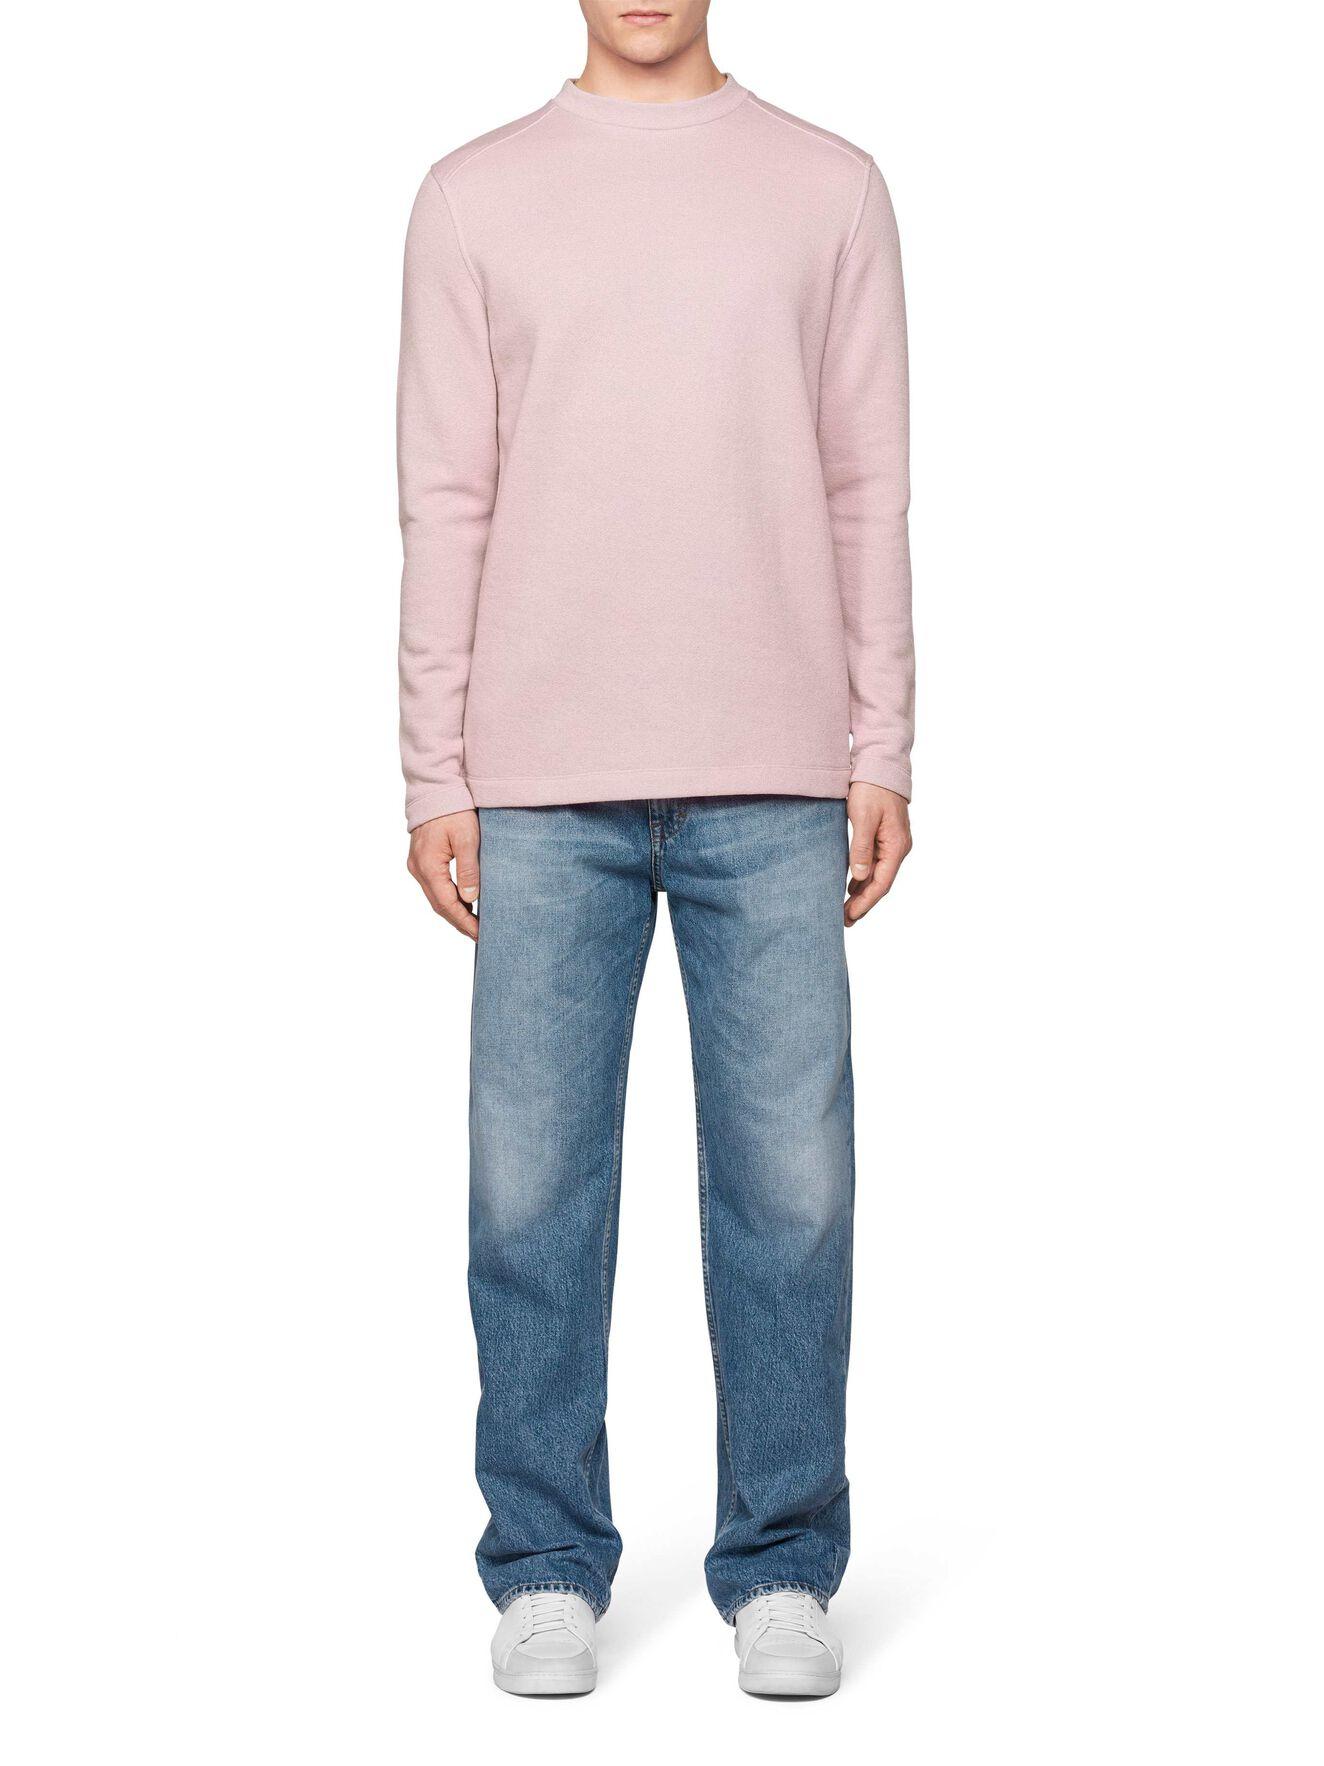 Zac Sweatshirt in Keepsake Lilac from Tiger of Sweden